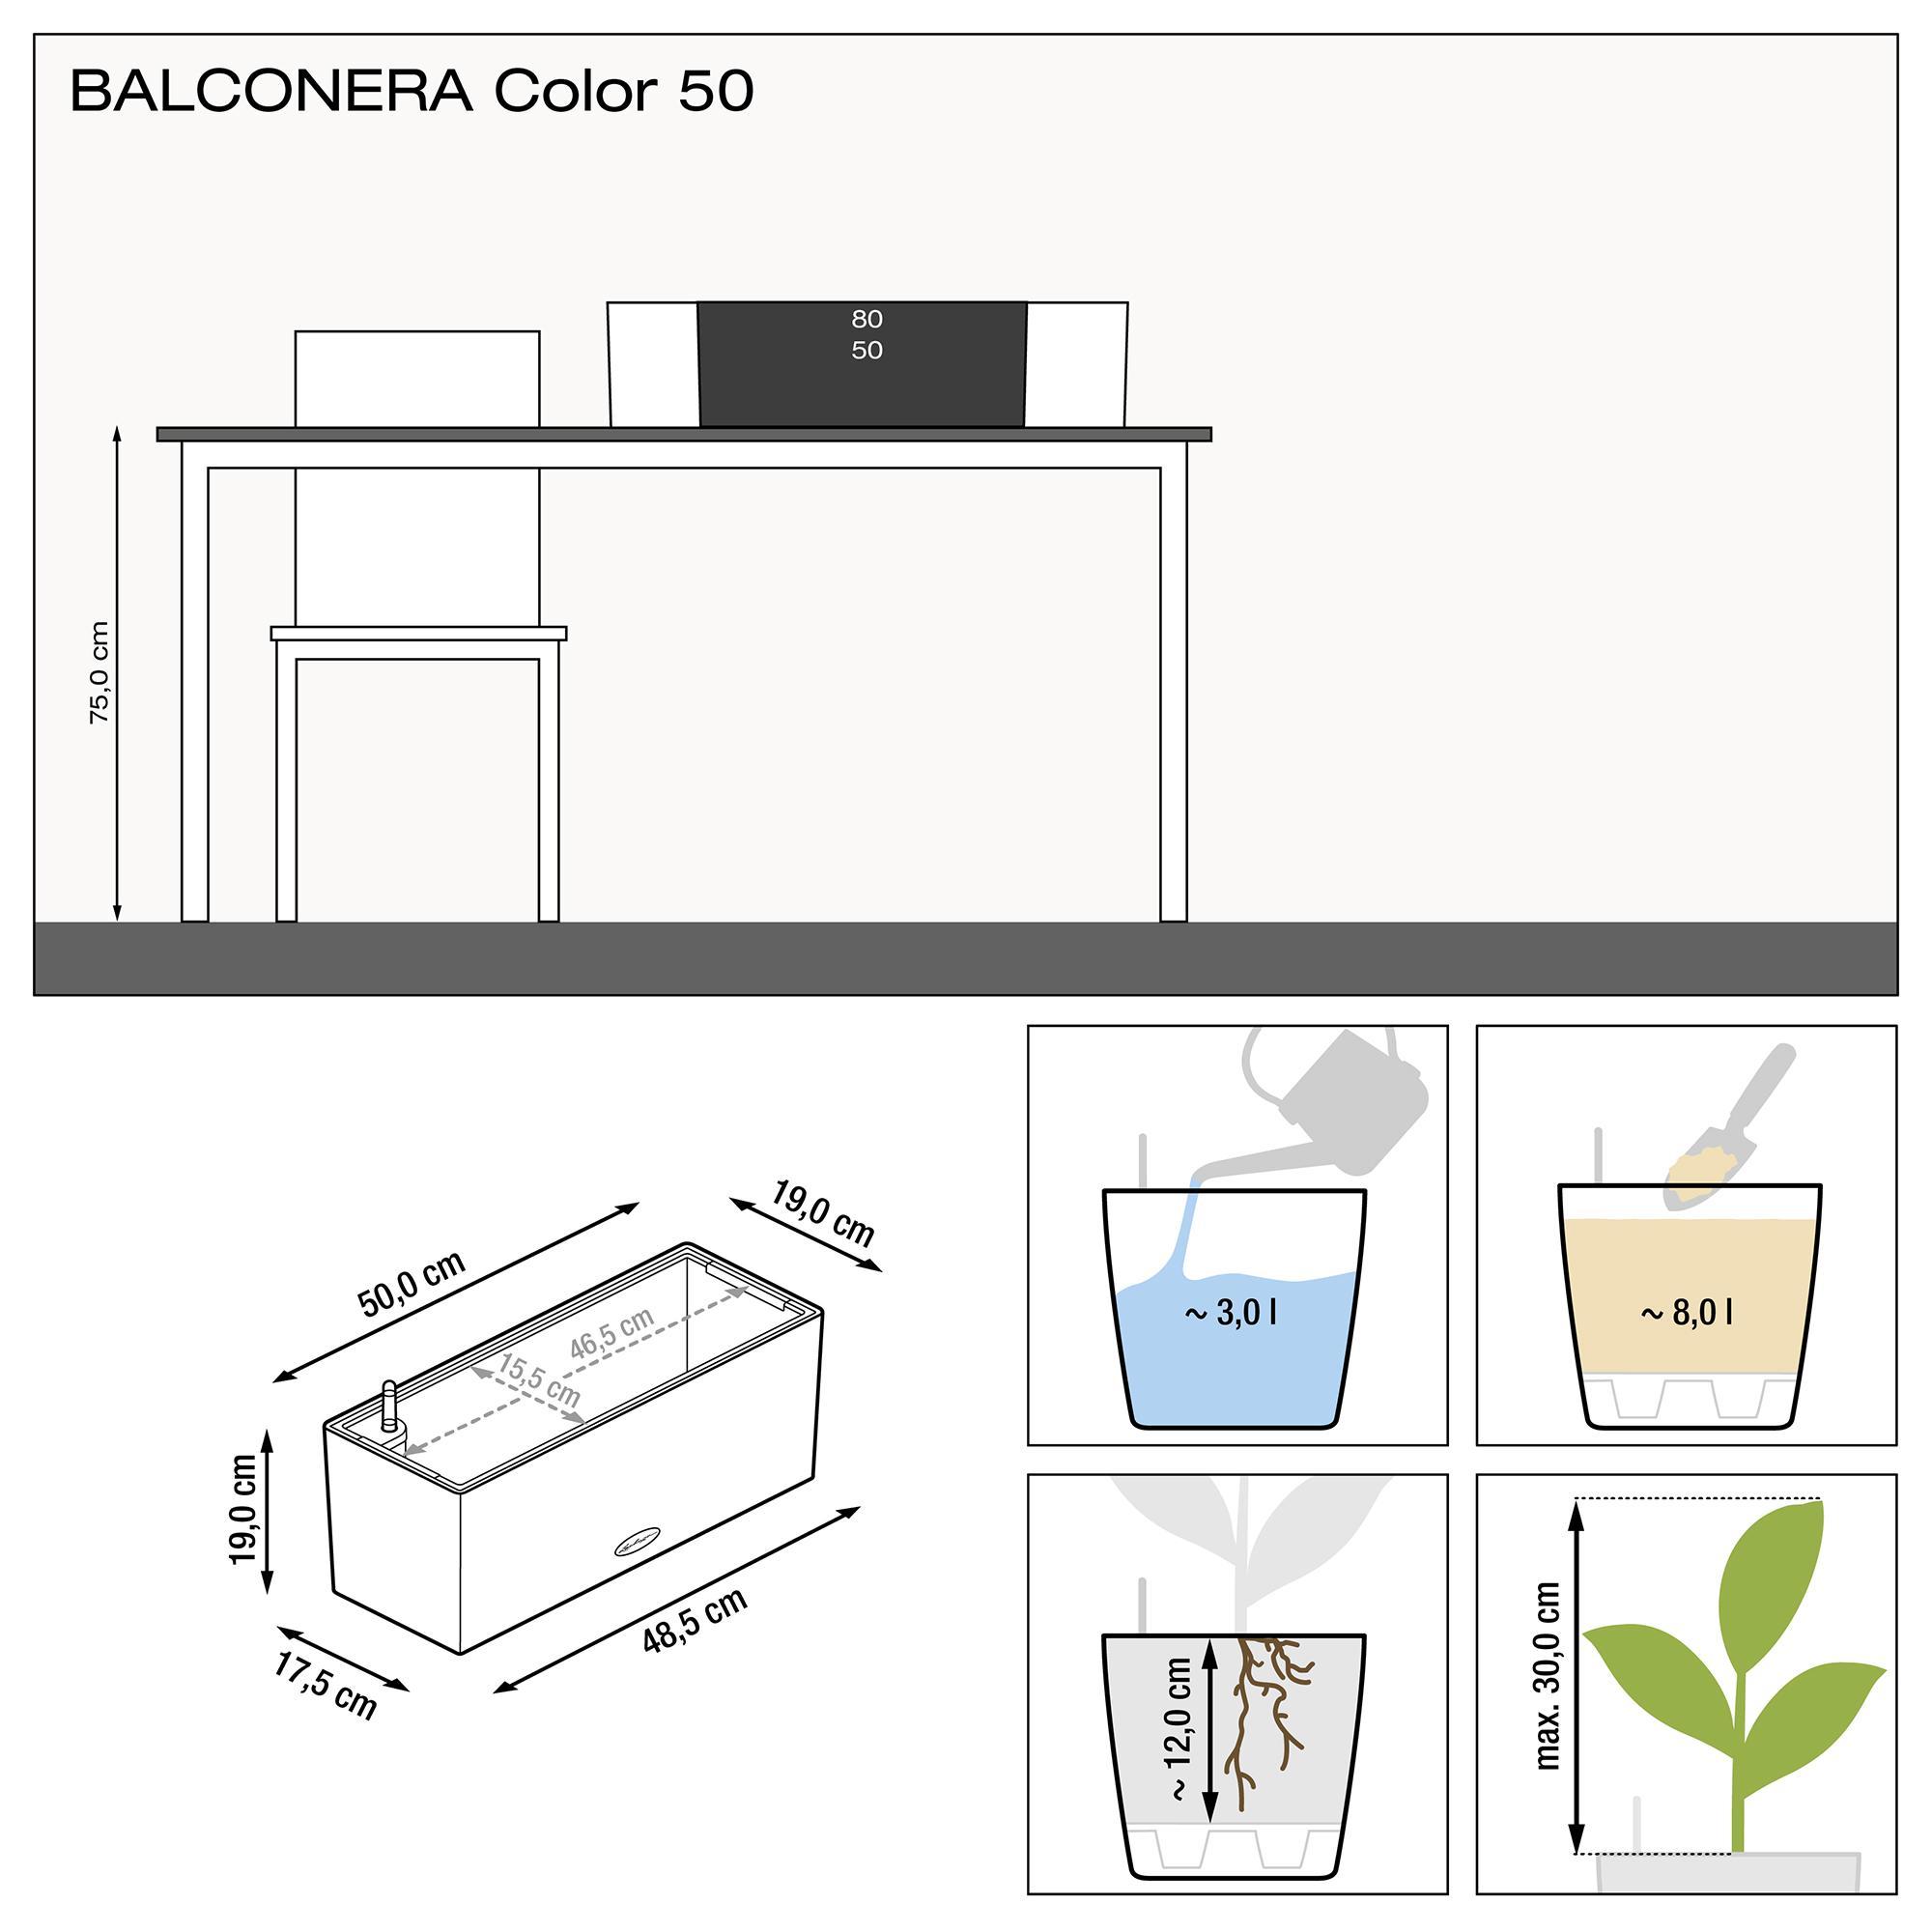 BALCONERA Color 50 white - Image 3